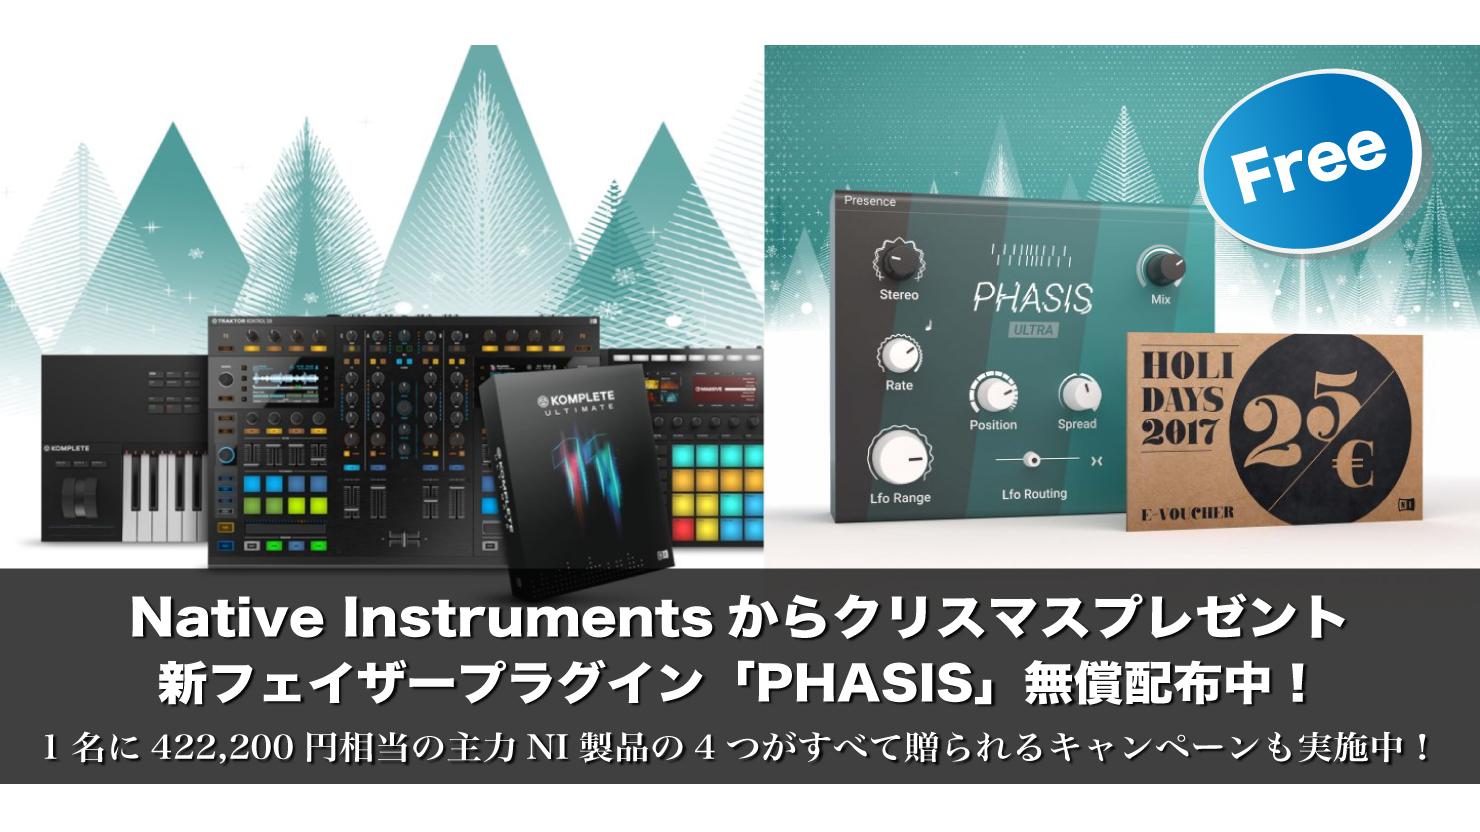 【期間限定・無料】Native Instrumentsからクリスマスプレゼント 新フェイザープラグイン「PHASIS」無償配布中!